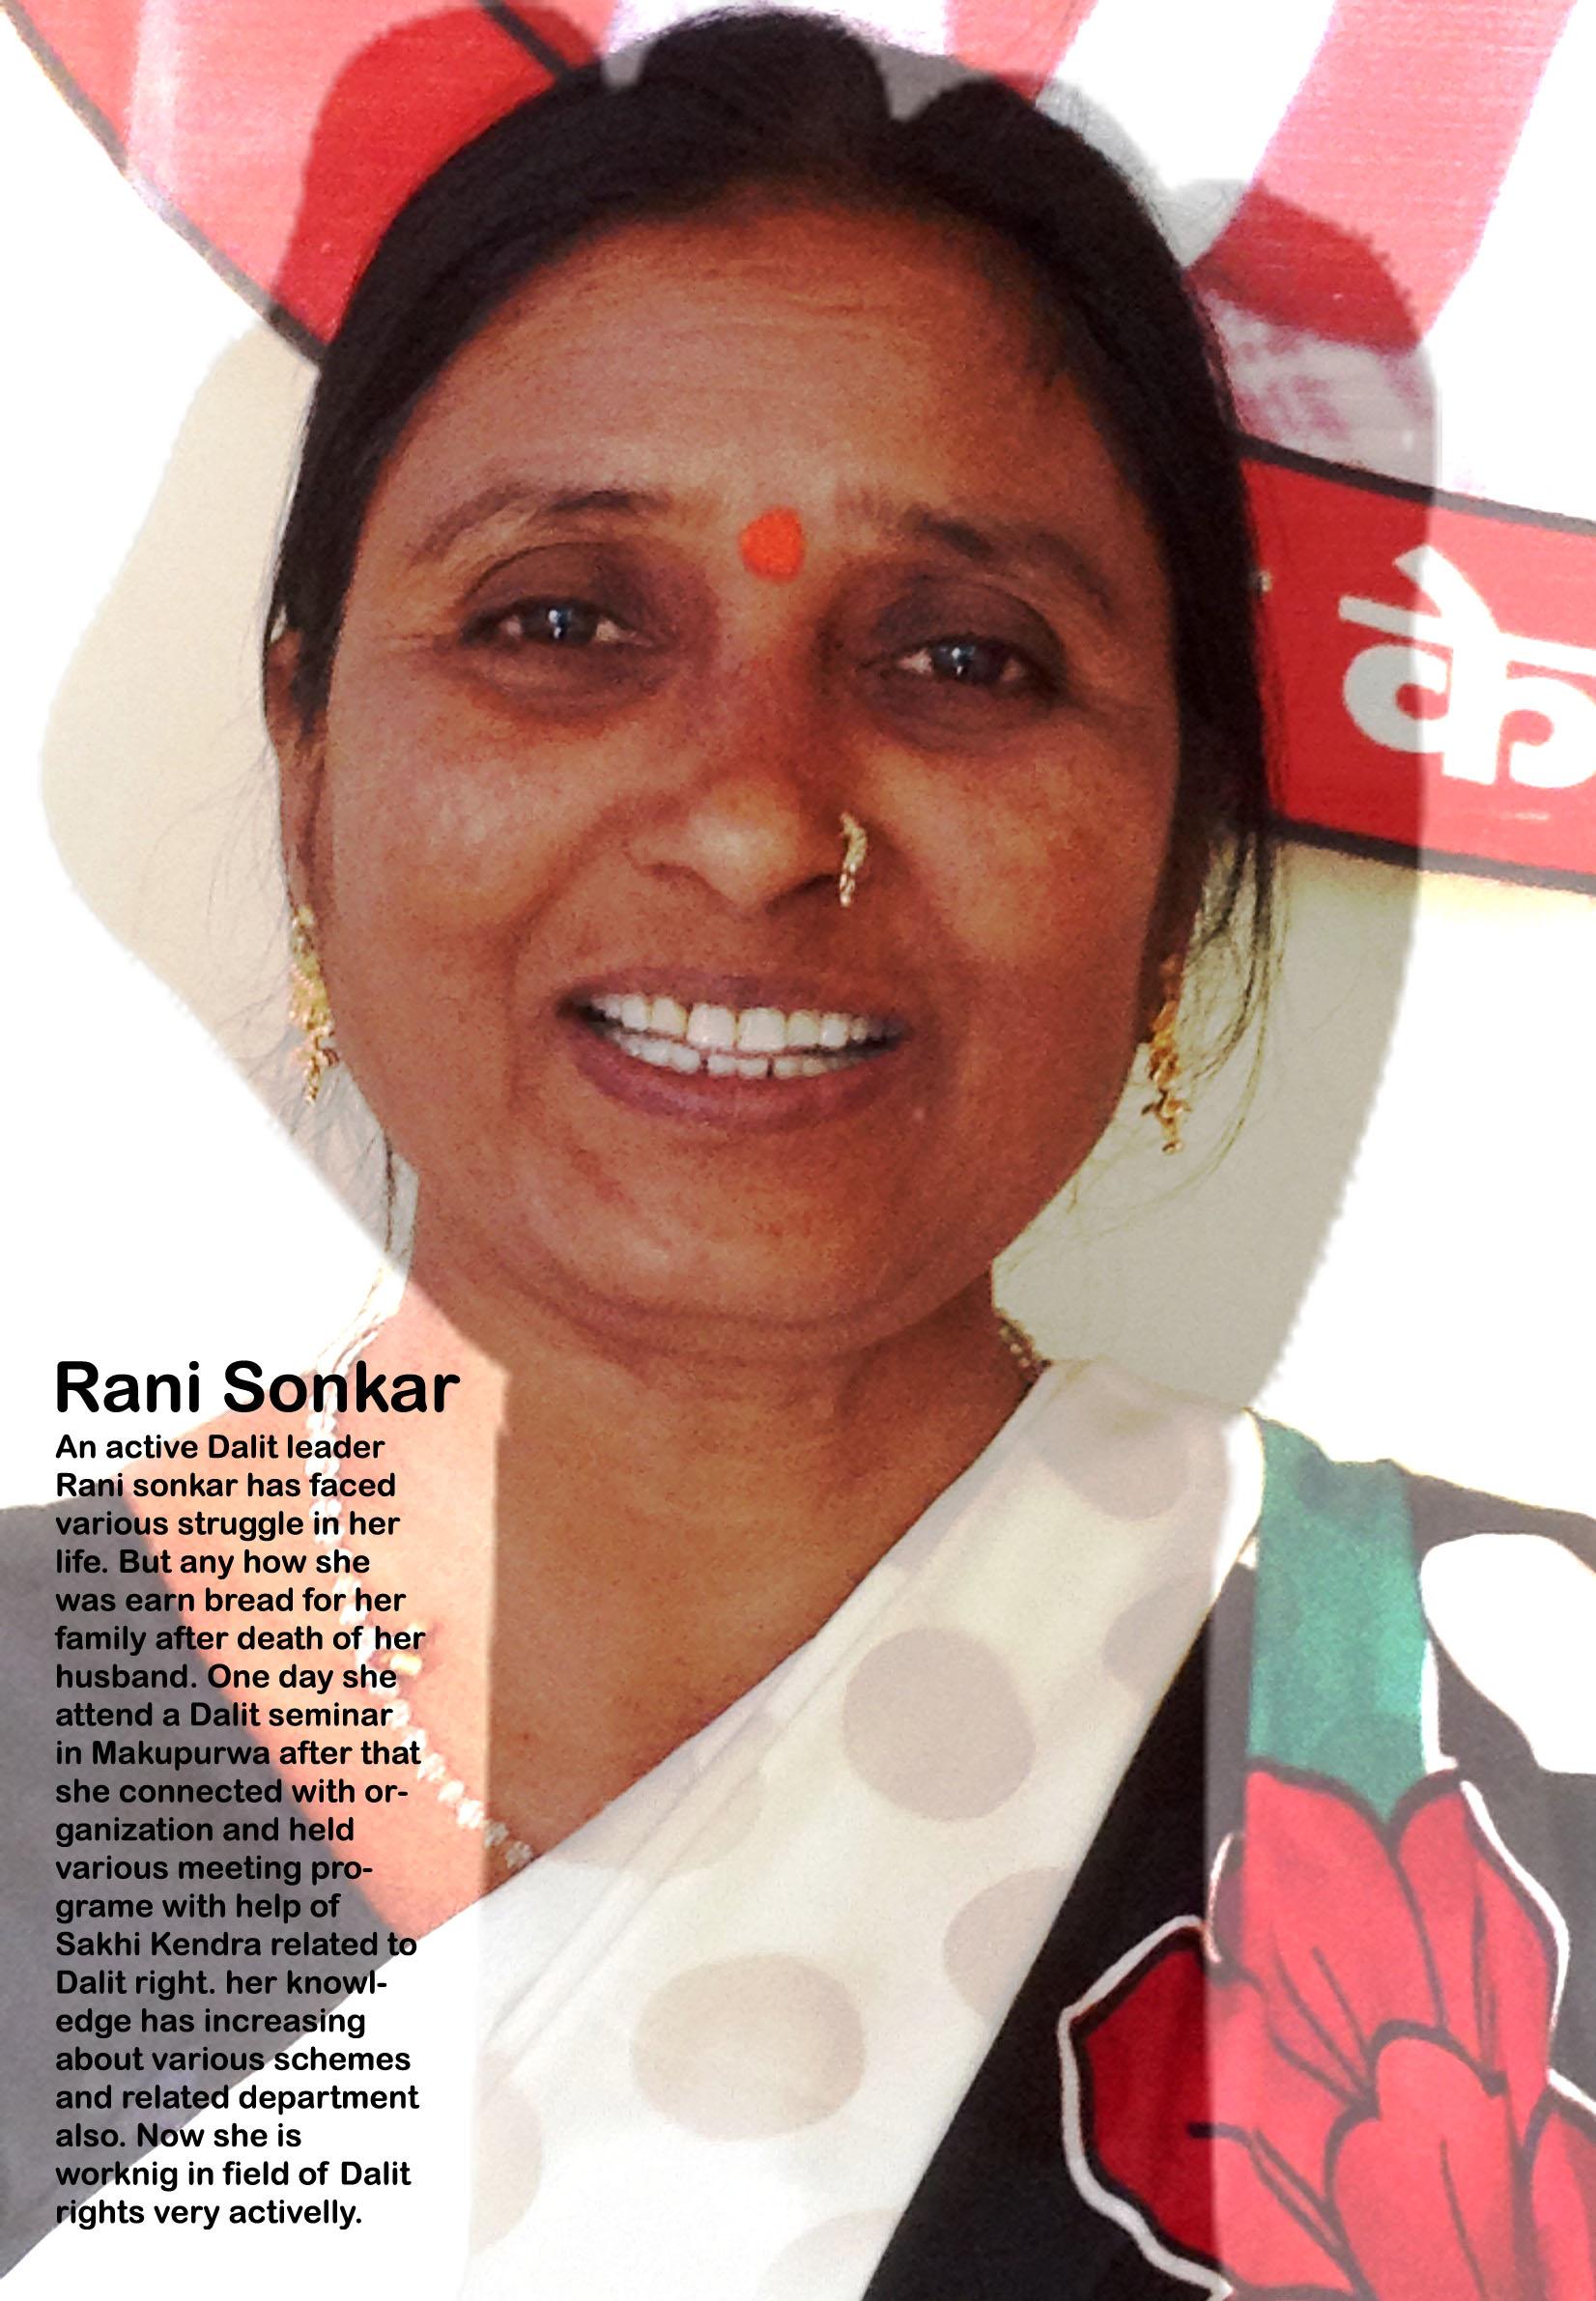 rani sonkar women human right defender--.jpg